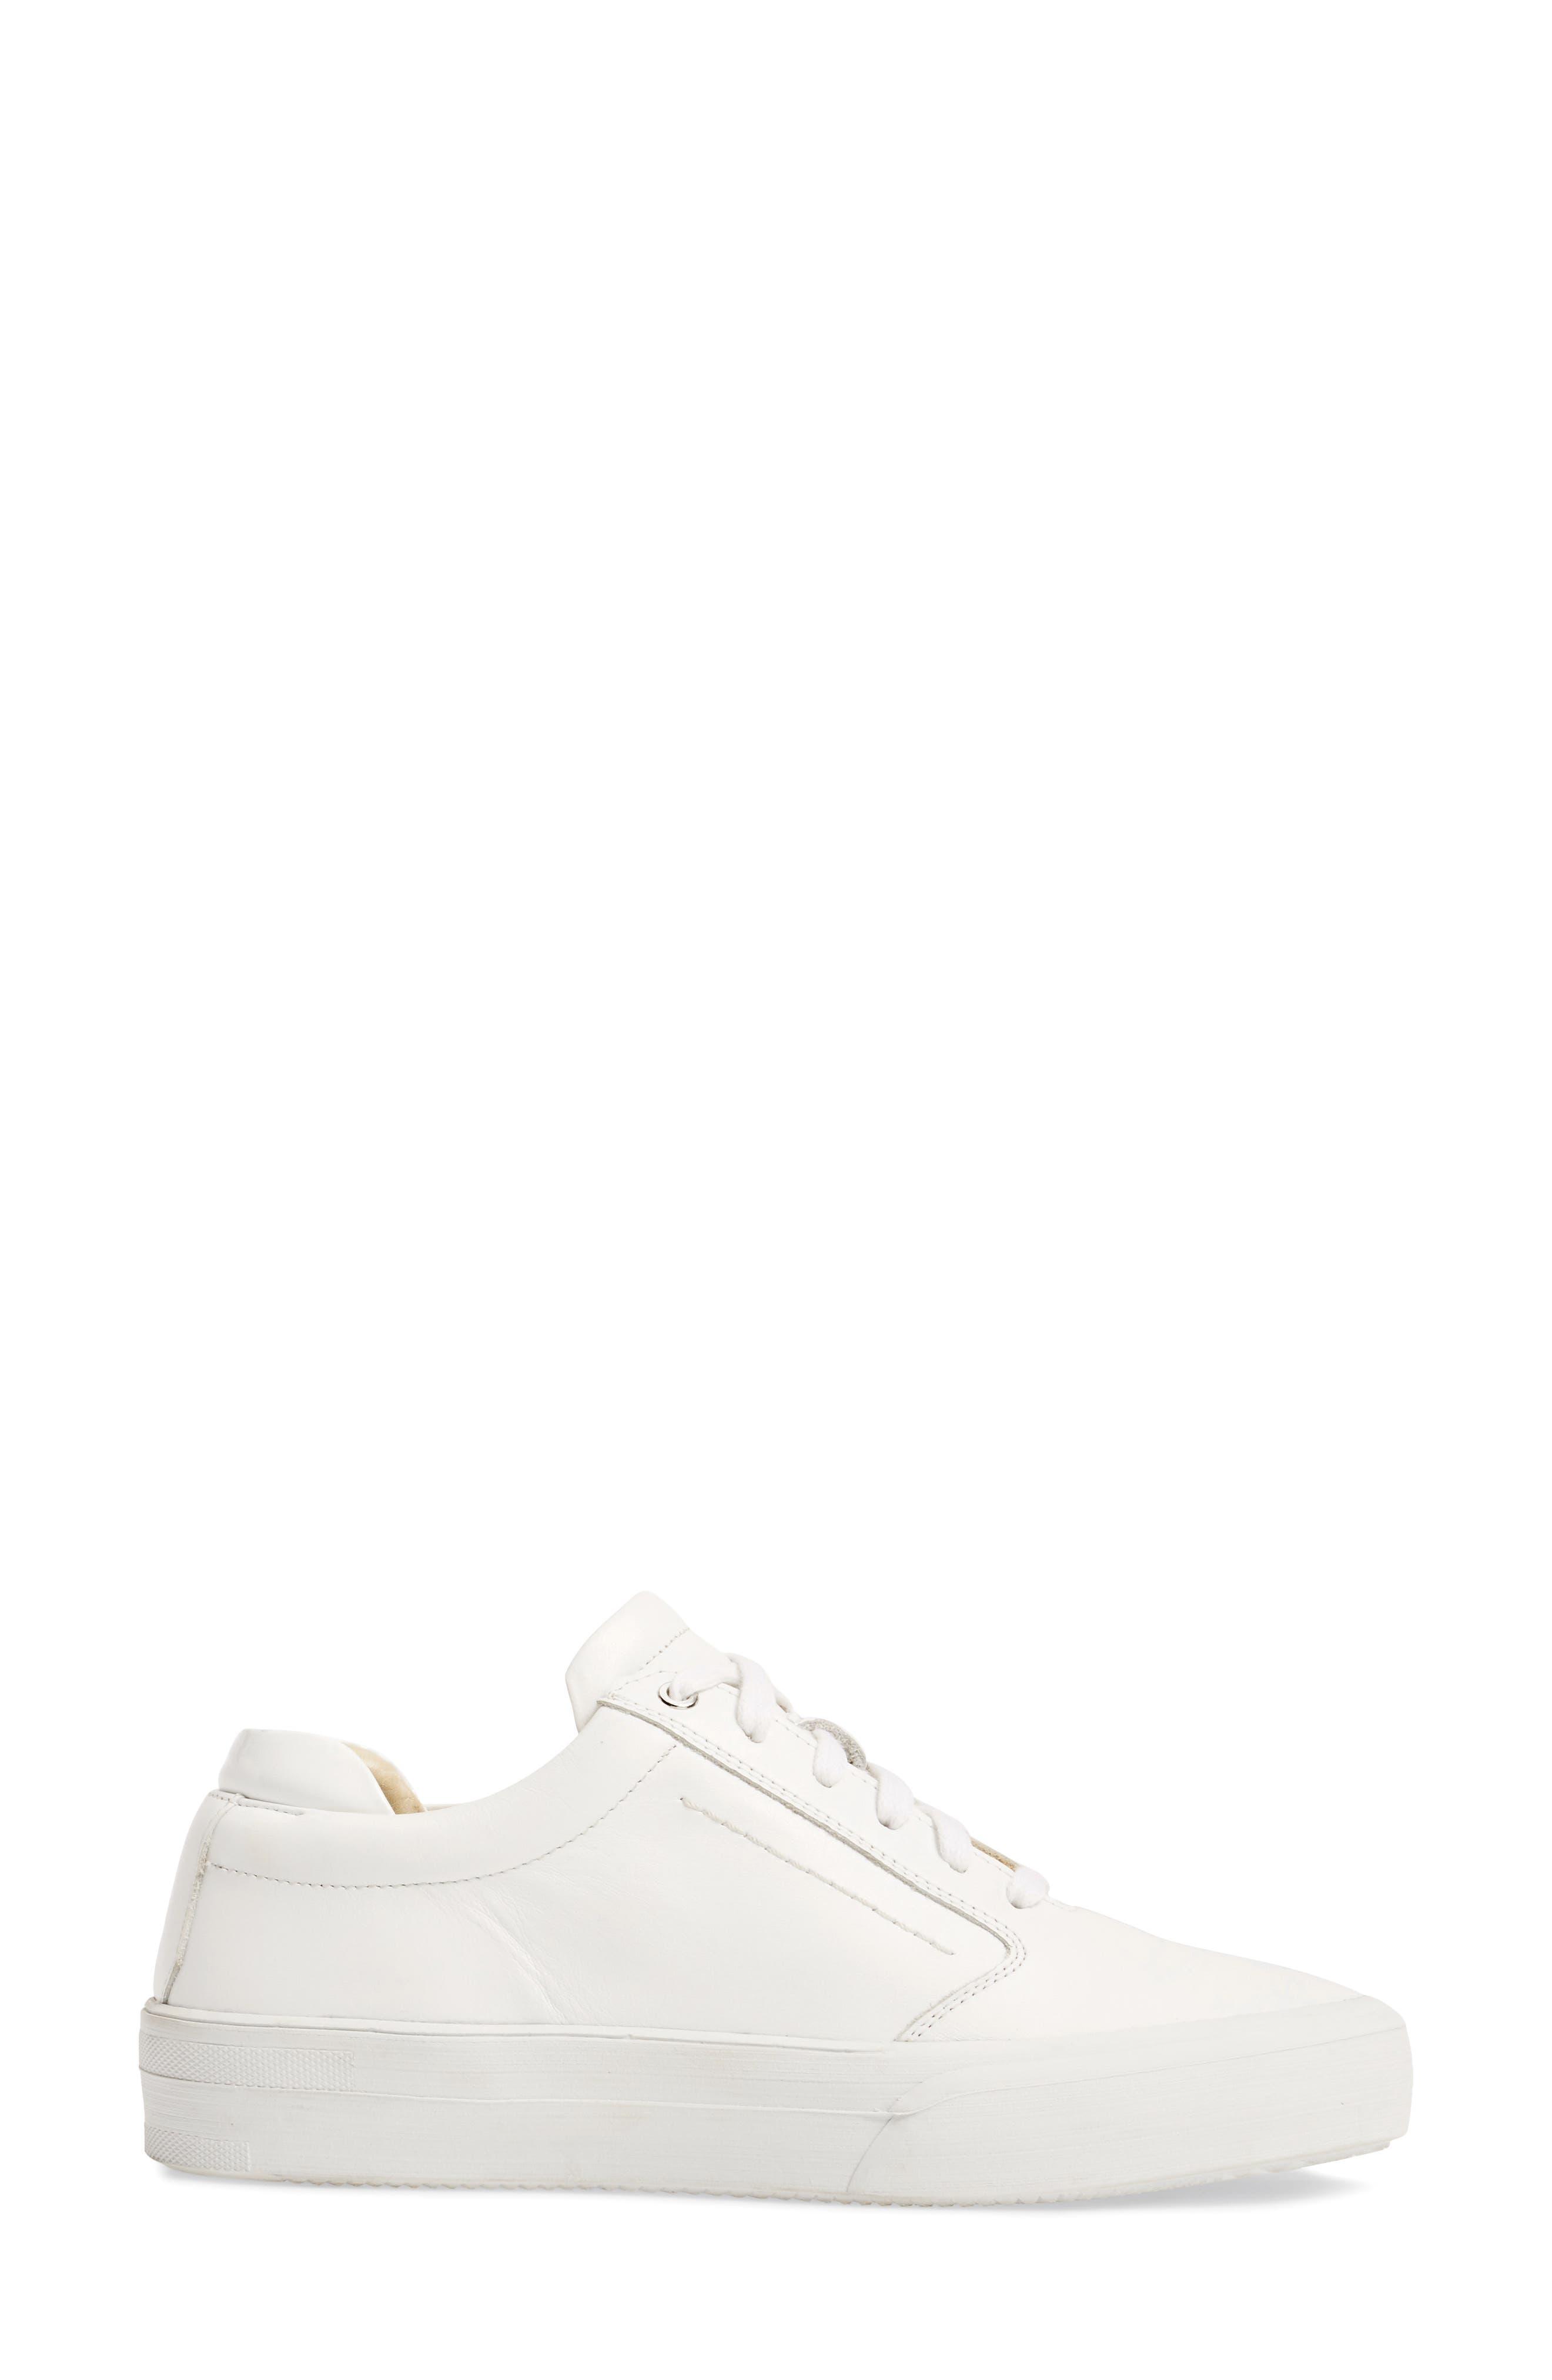 Lalibela Sneaker,                             Alternate thumbnail 3, color,                             White/Patent White